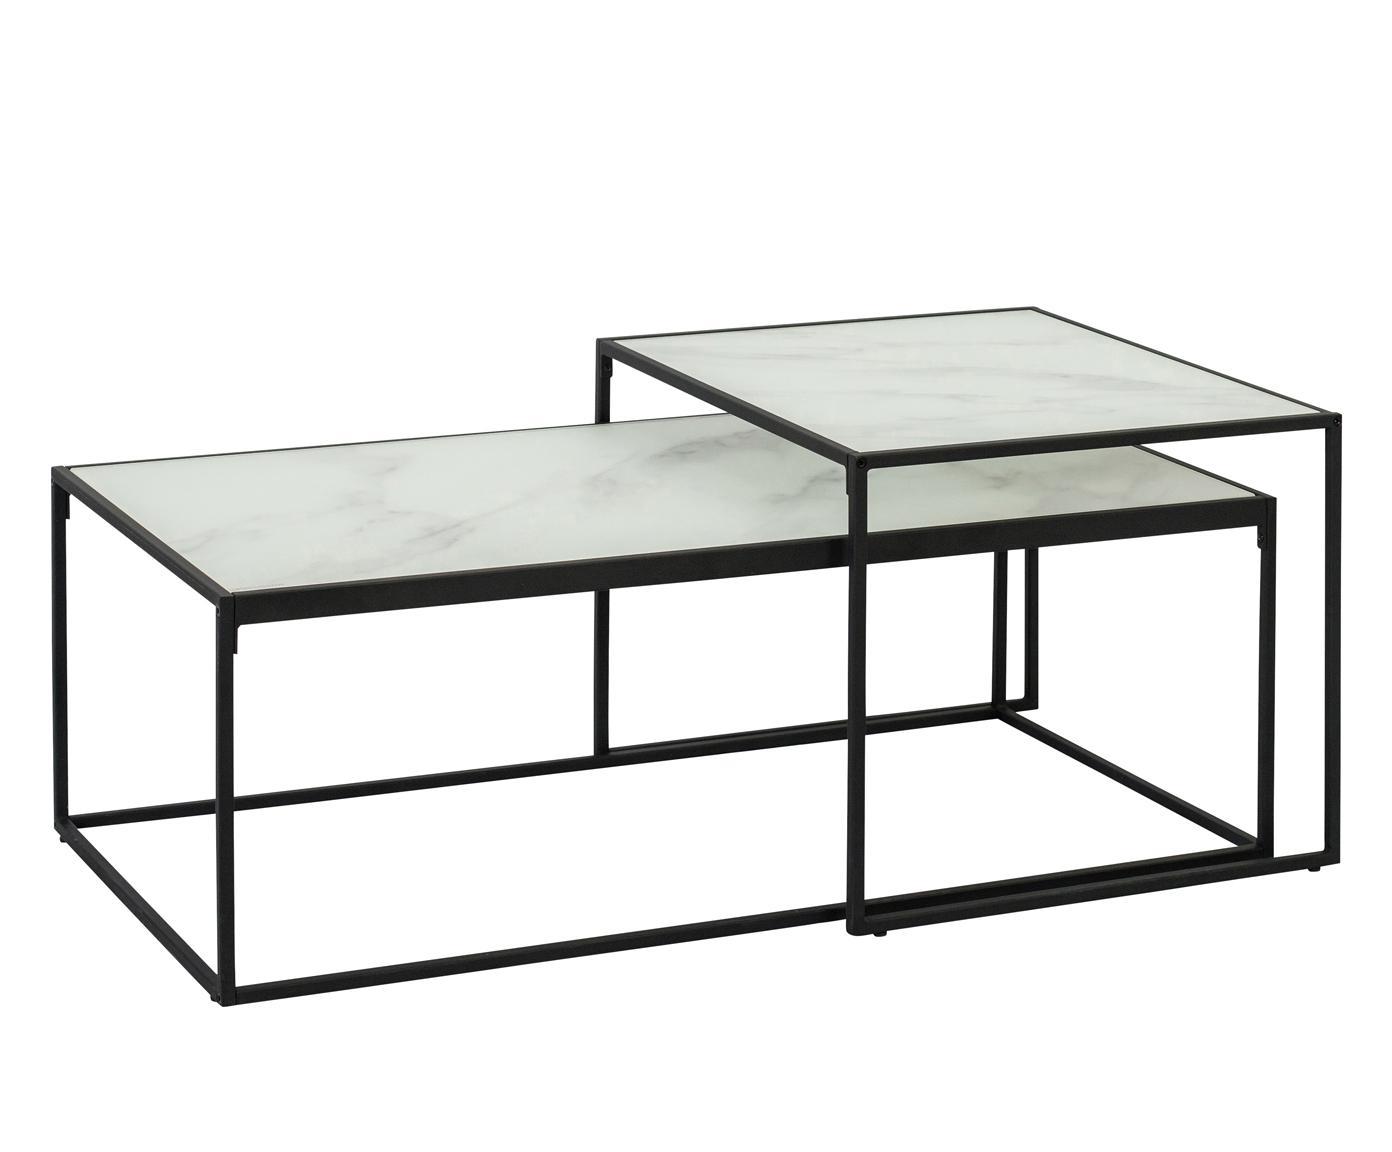 Set de mesas de centro Bolton, 2pzas., tablero de cristal, Tablero: vidrio, laminado, Estructura: metal con pintura en polv, Blanco, Tamaños diferentes